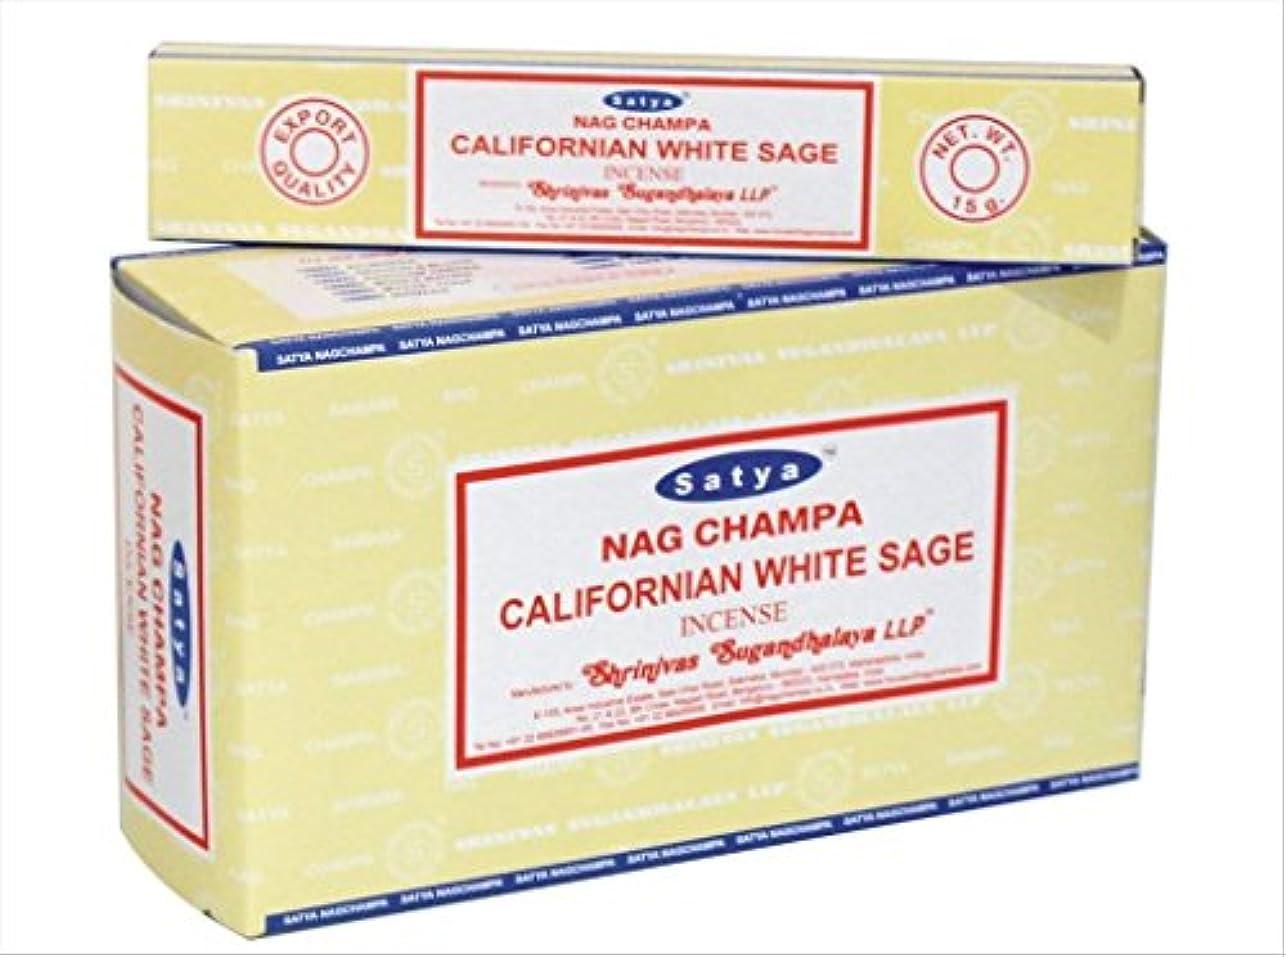 娯楽短命無駄なchi-city Mall Satya Nag Champa Californianホワイトセージお香 署名Fragrance   Net Wt : 15 g x 12ボックス= 180 g   Exclusivelyインド...